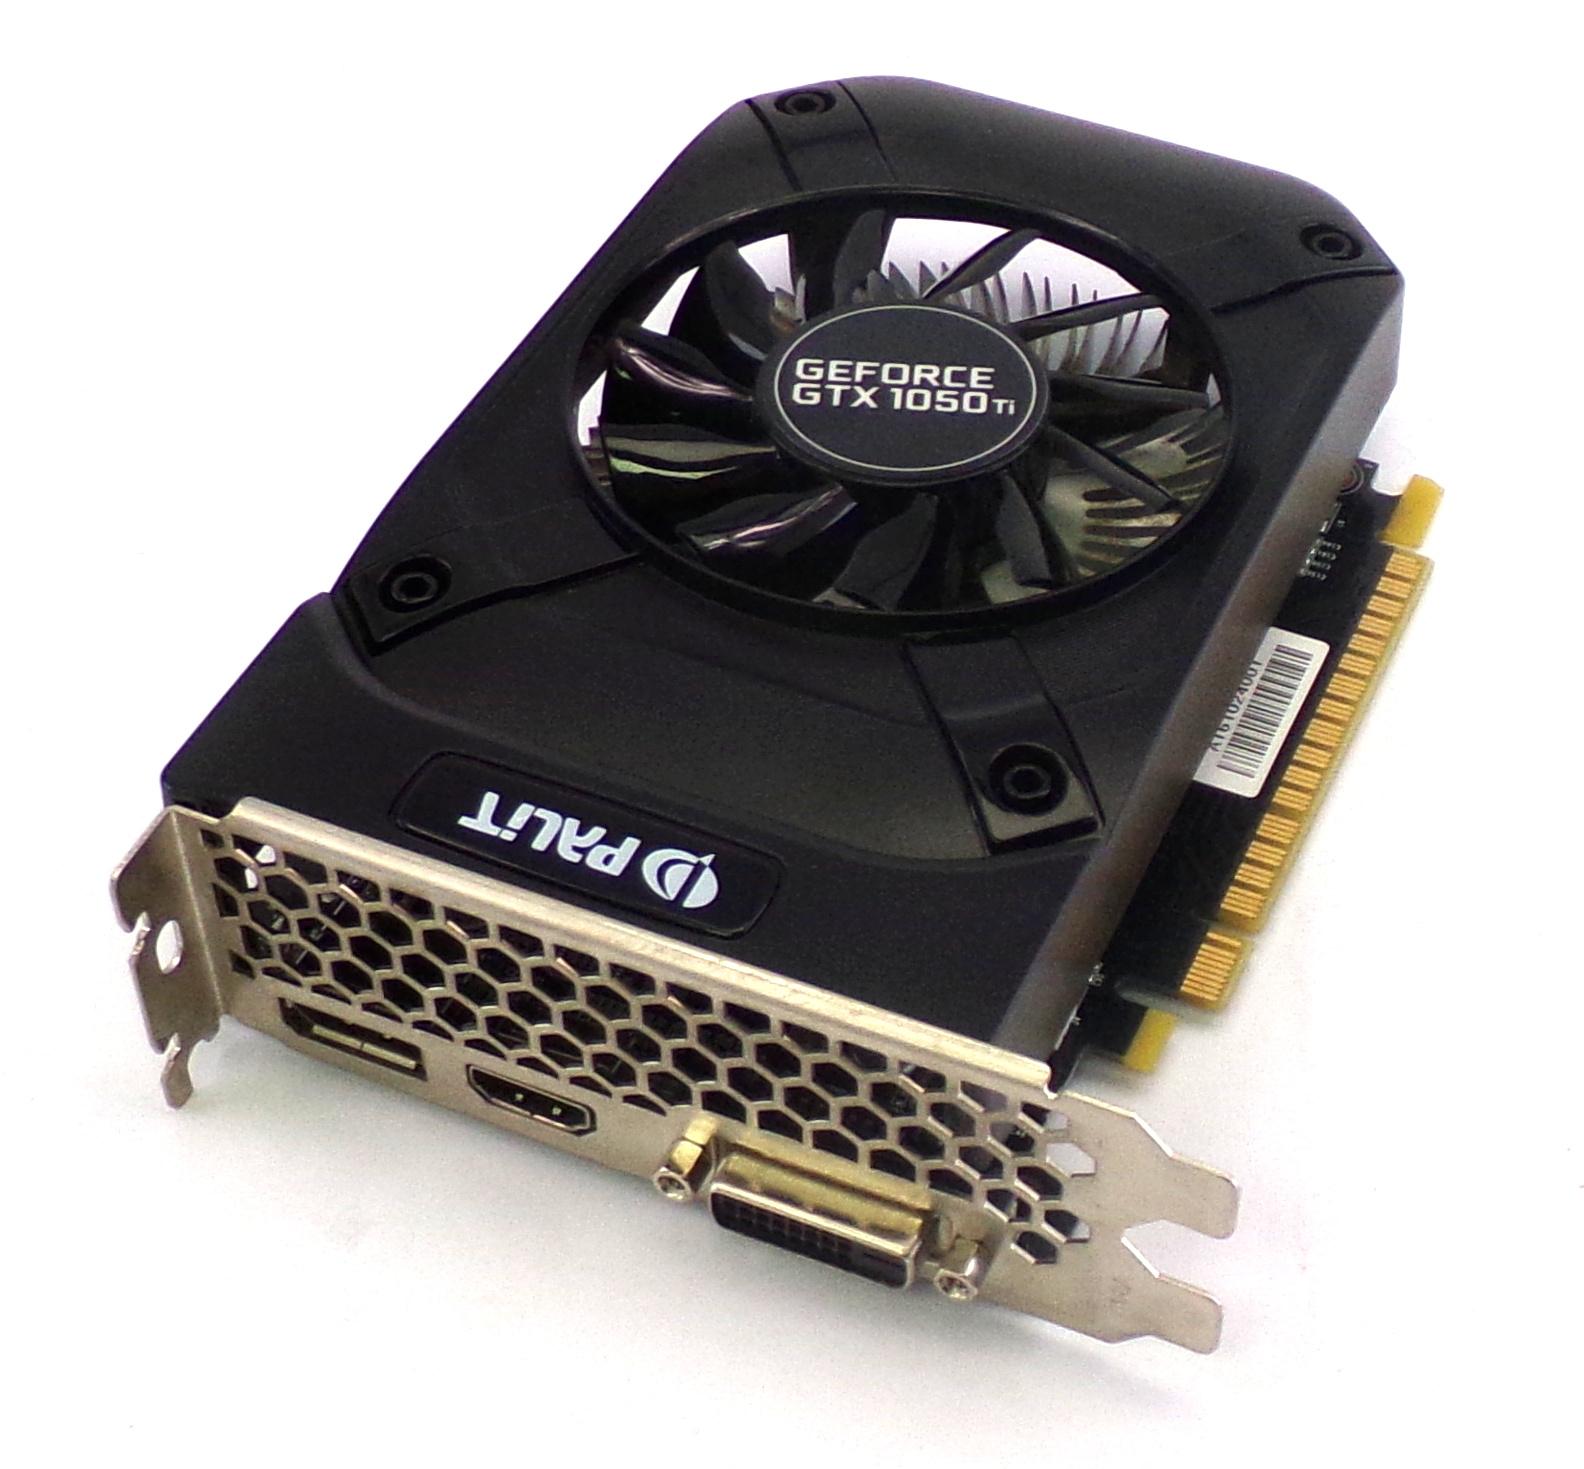 Palit NE5105T018G1-1070F GTX 1050 Ti STORMX 4GB DDR5 128bit Graphics Card